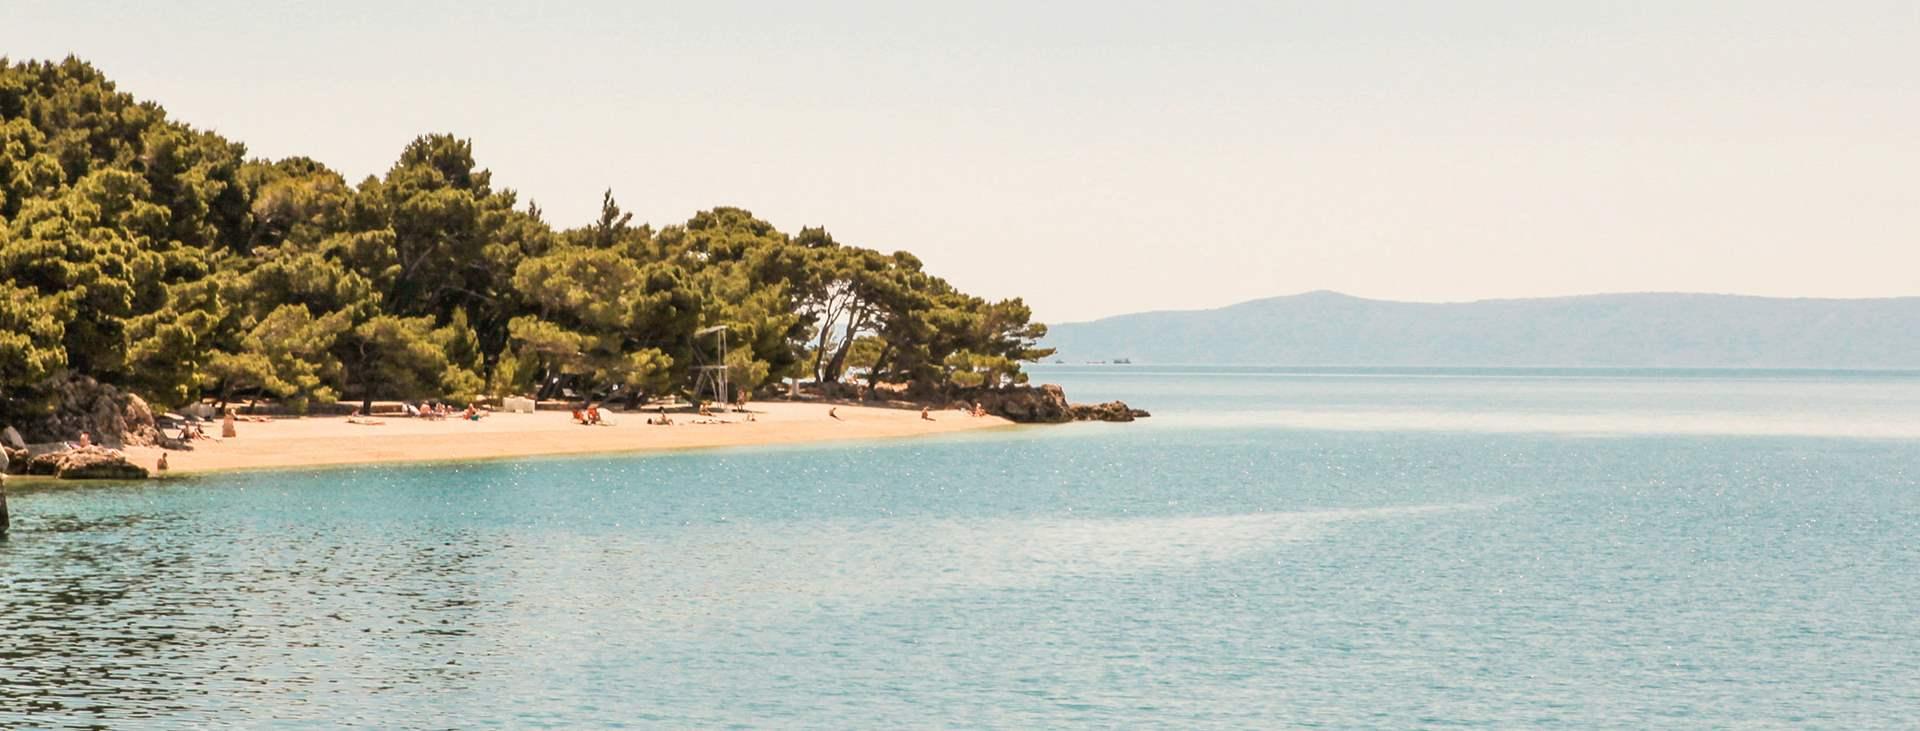 Boka din resa till Makarska rivieran i Kroatien med Ving